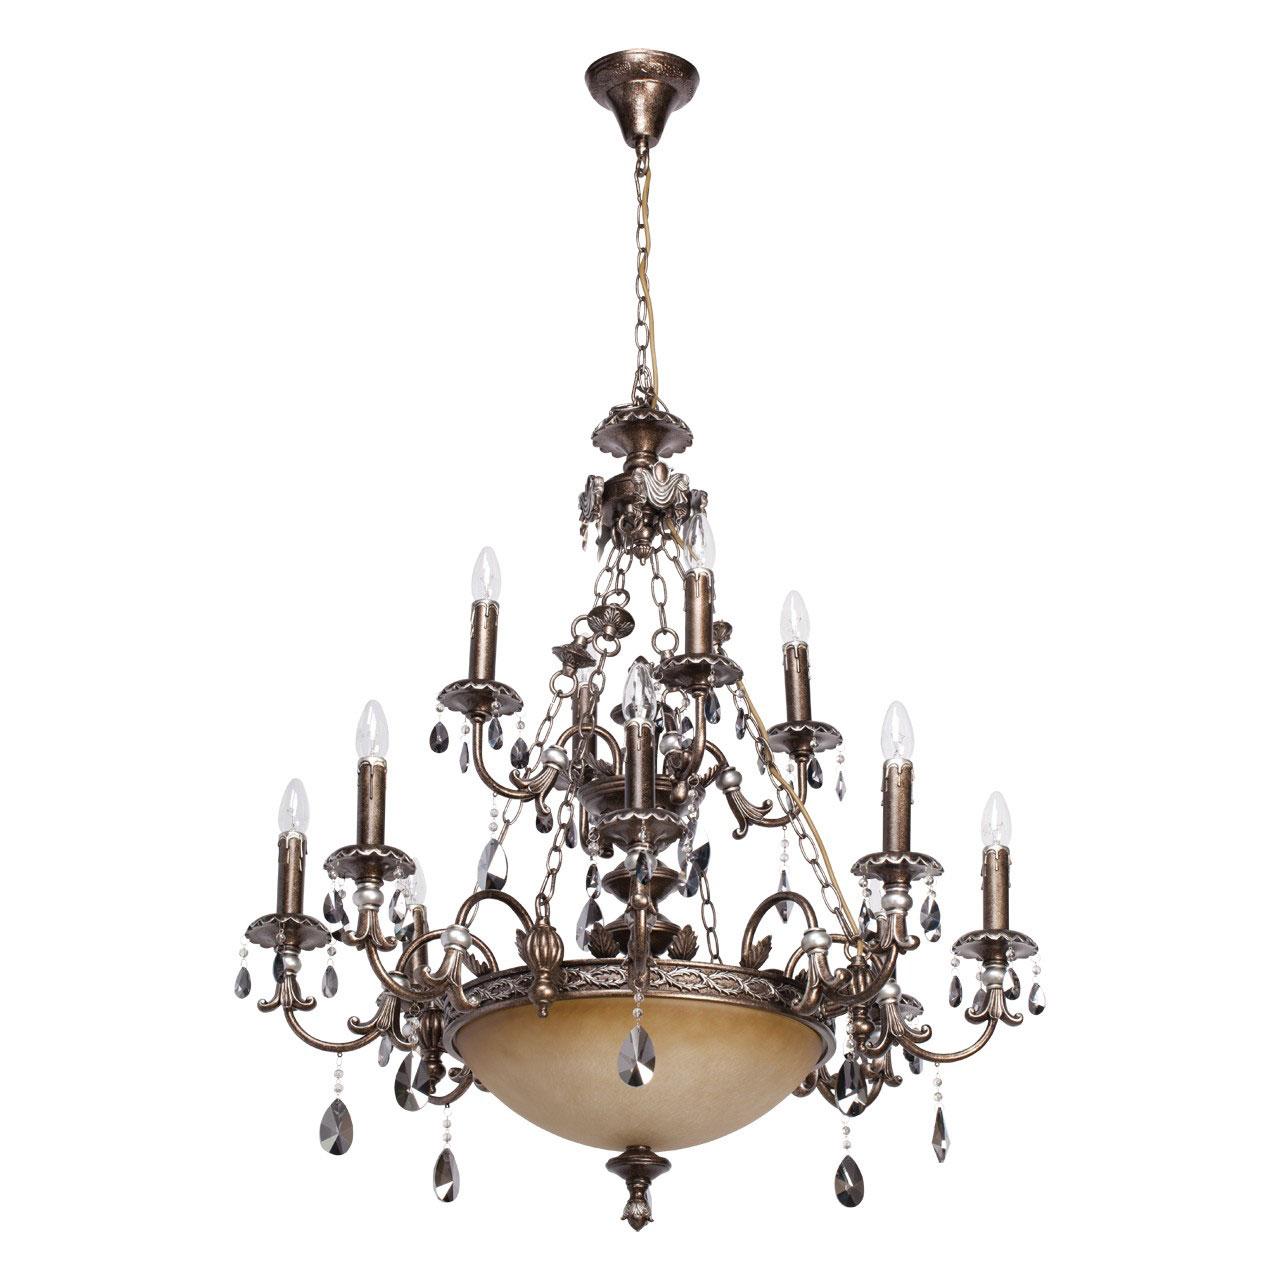 Люстра ChiaroЛюстры<br>Назначение светильника: для гостиной,<br>Стиль светильника: классика,<br>Тип: подвесная,<br>Материал плафона: стекло,<br>Материал арматуры: металл,<br>Длина (мм): 560,<br>Ширина: 560,<br>Высота: 2380,<br>Количество ламп: 14,<br>Тип лампы: накаливания,<br>Мощность: 60,<br>Патрон: Е27,<br>Цвет арматуры: коричневый,<br>Коллекция: Легионер<br>